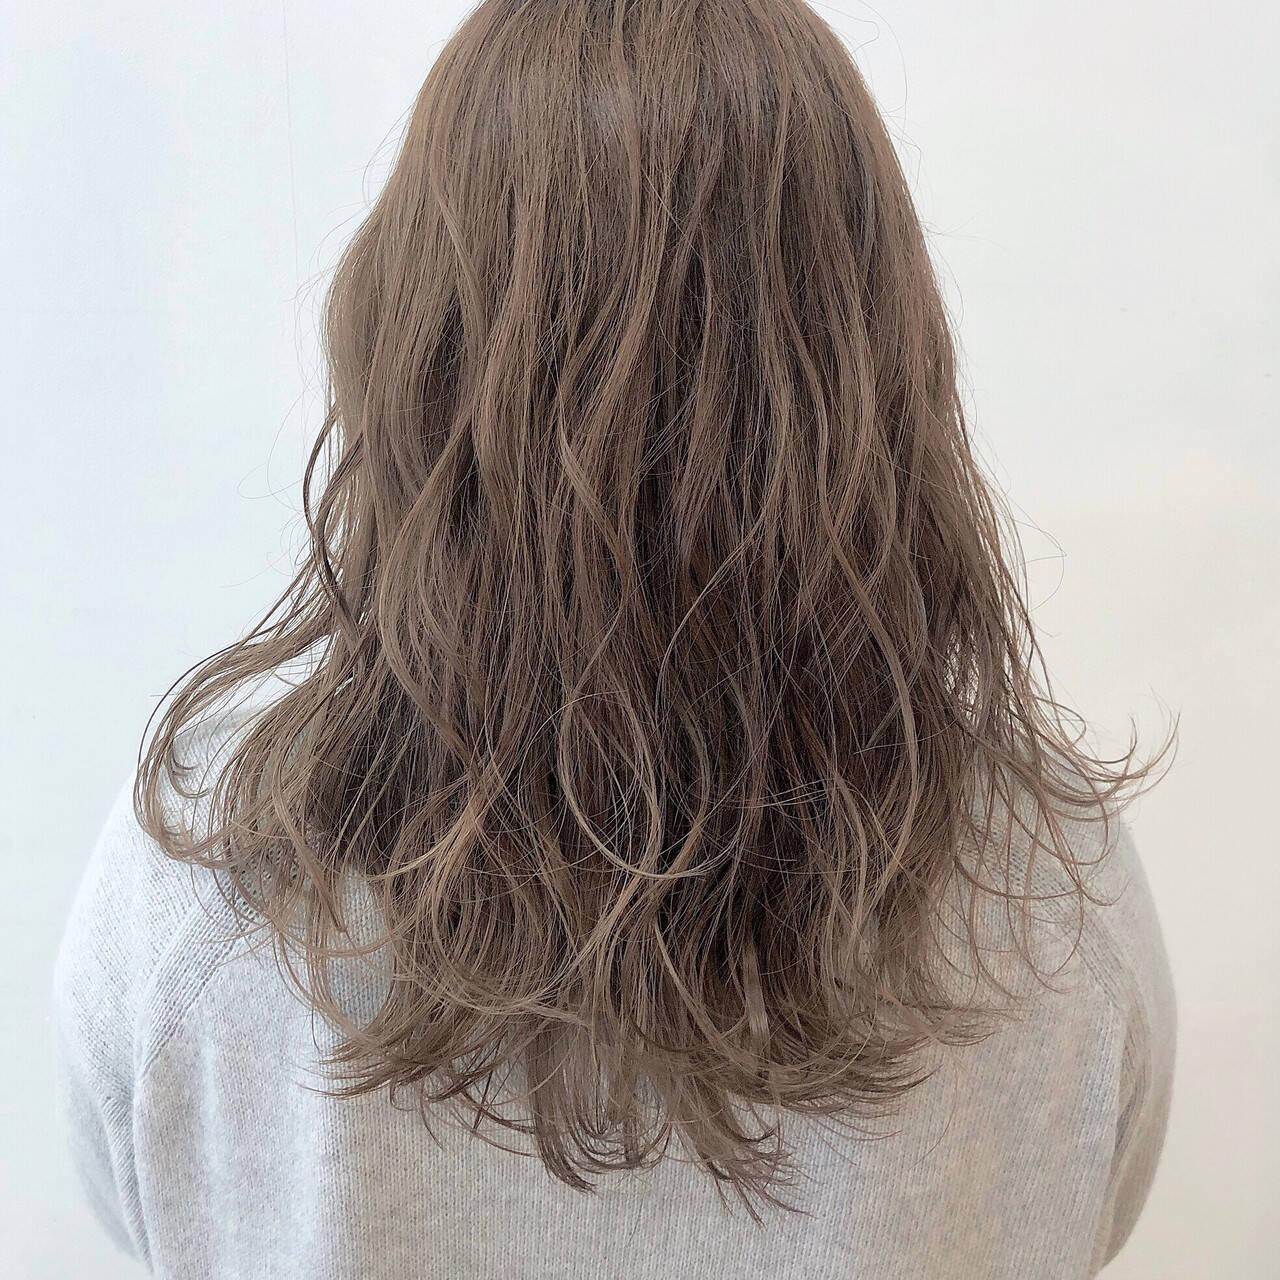 ミルクティーベージュ ロング ミルクティーアッシュ ミルクティーヘアスタイルや髪型の写真・画像